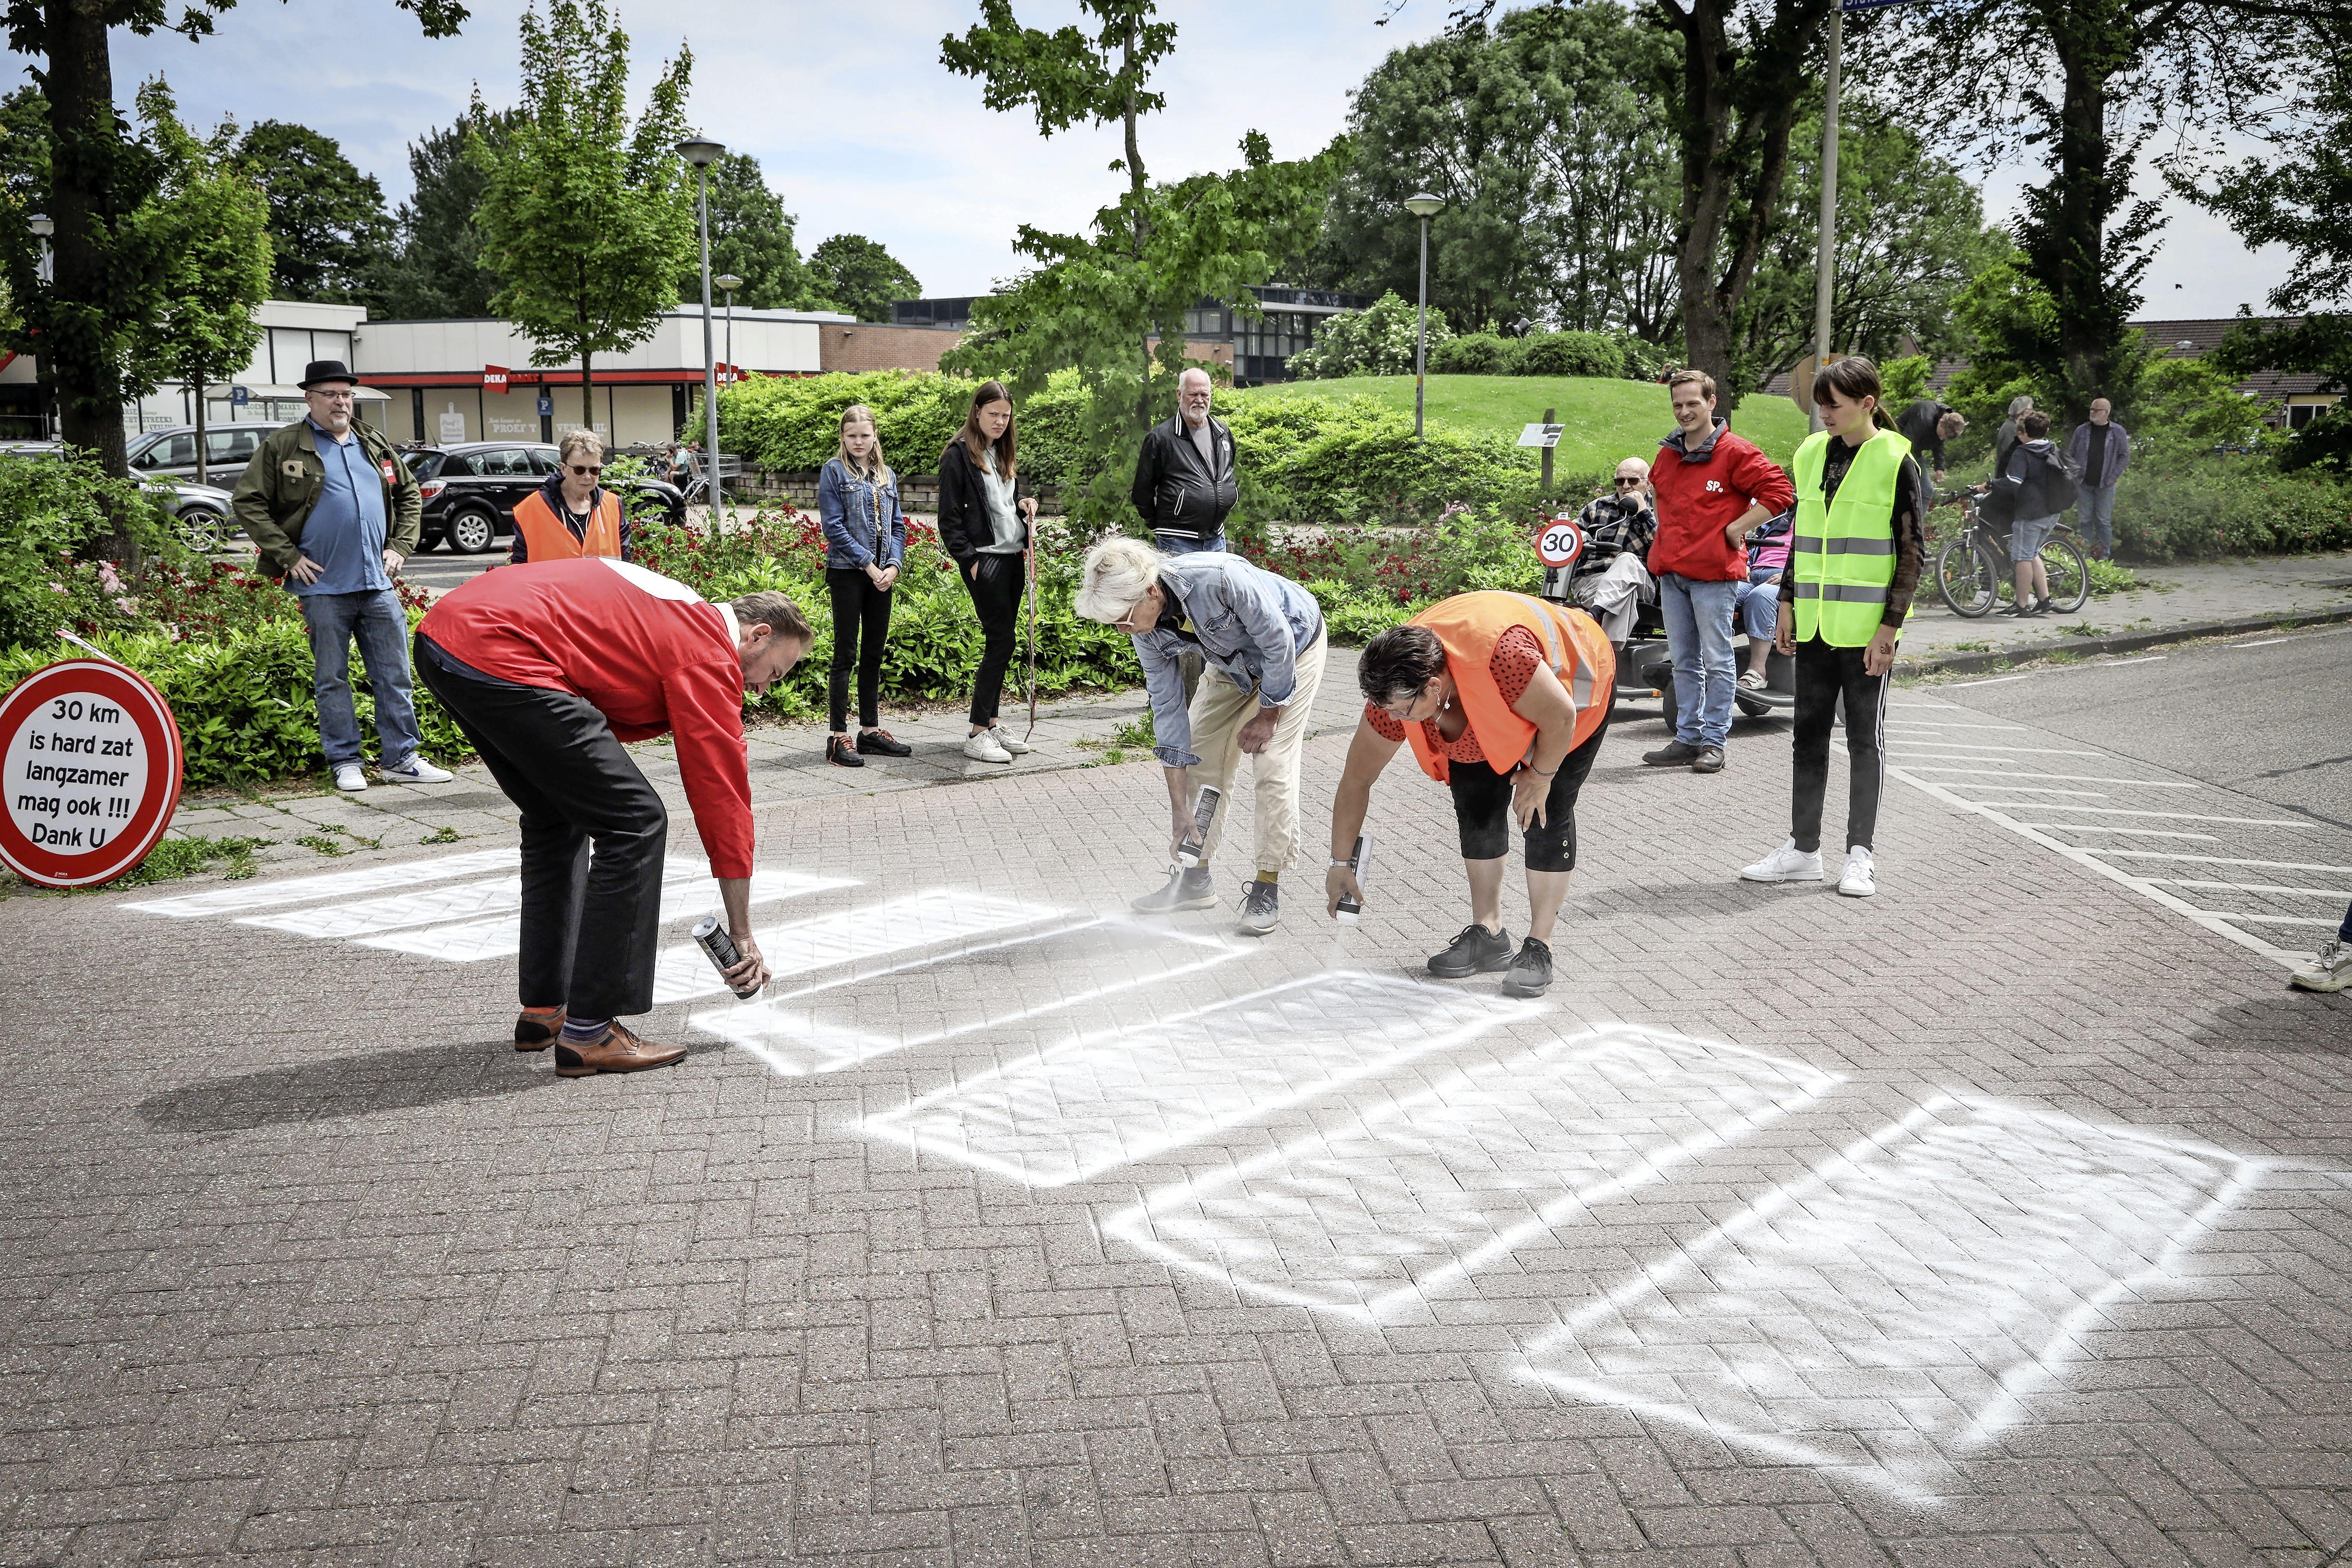 Huizen bouwen in West-Friesland, maar dan ook het wegennet aanpassen aub! | commentaar